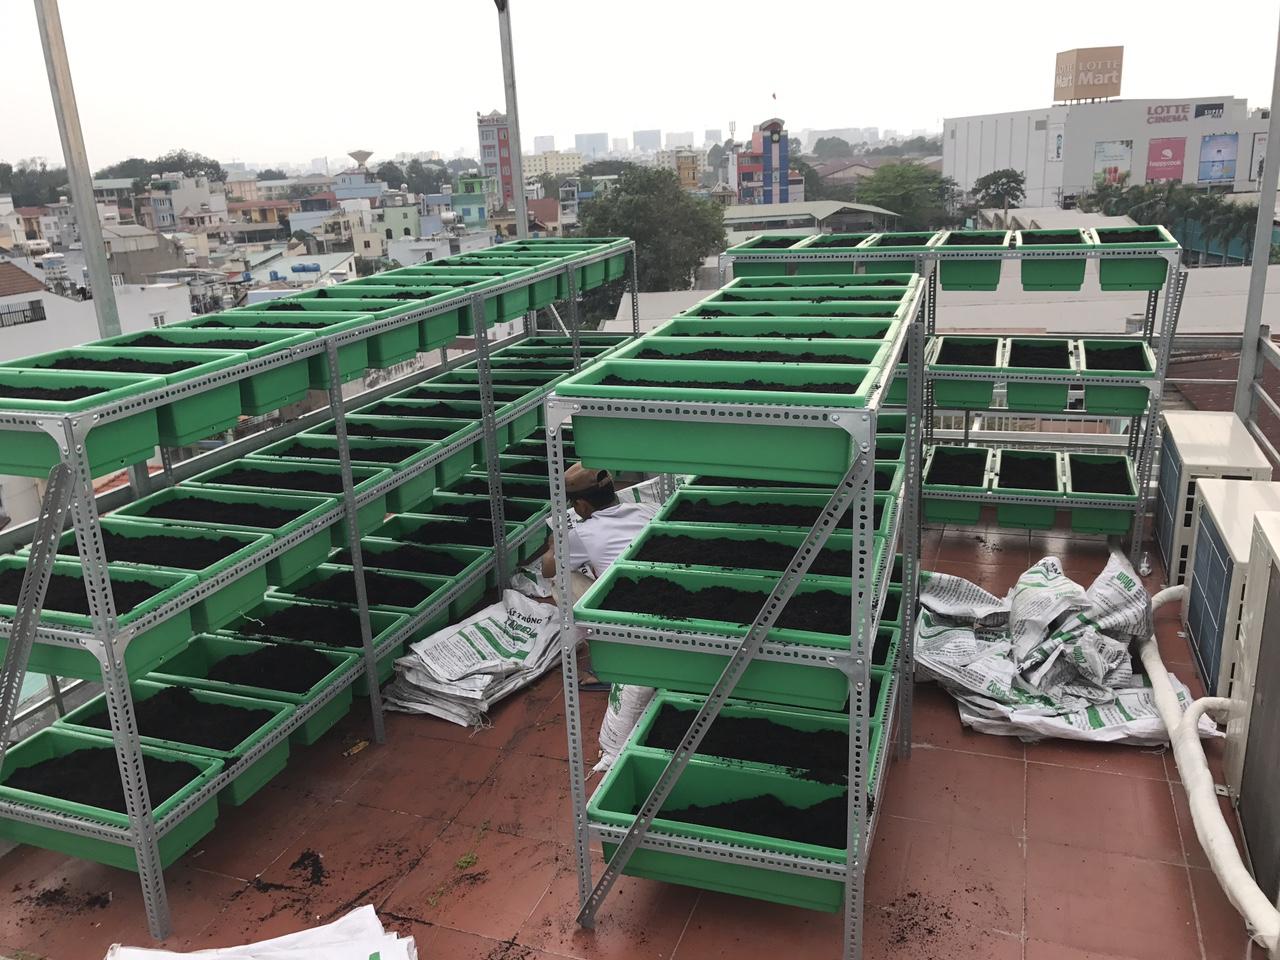 Quang Anh kệ trồng rau hcm